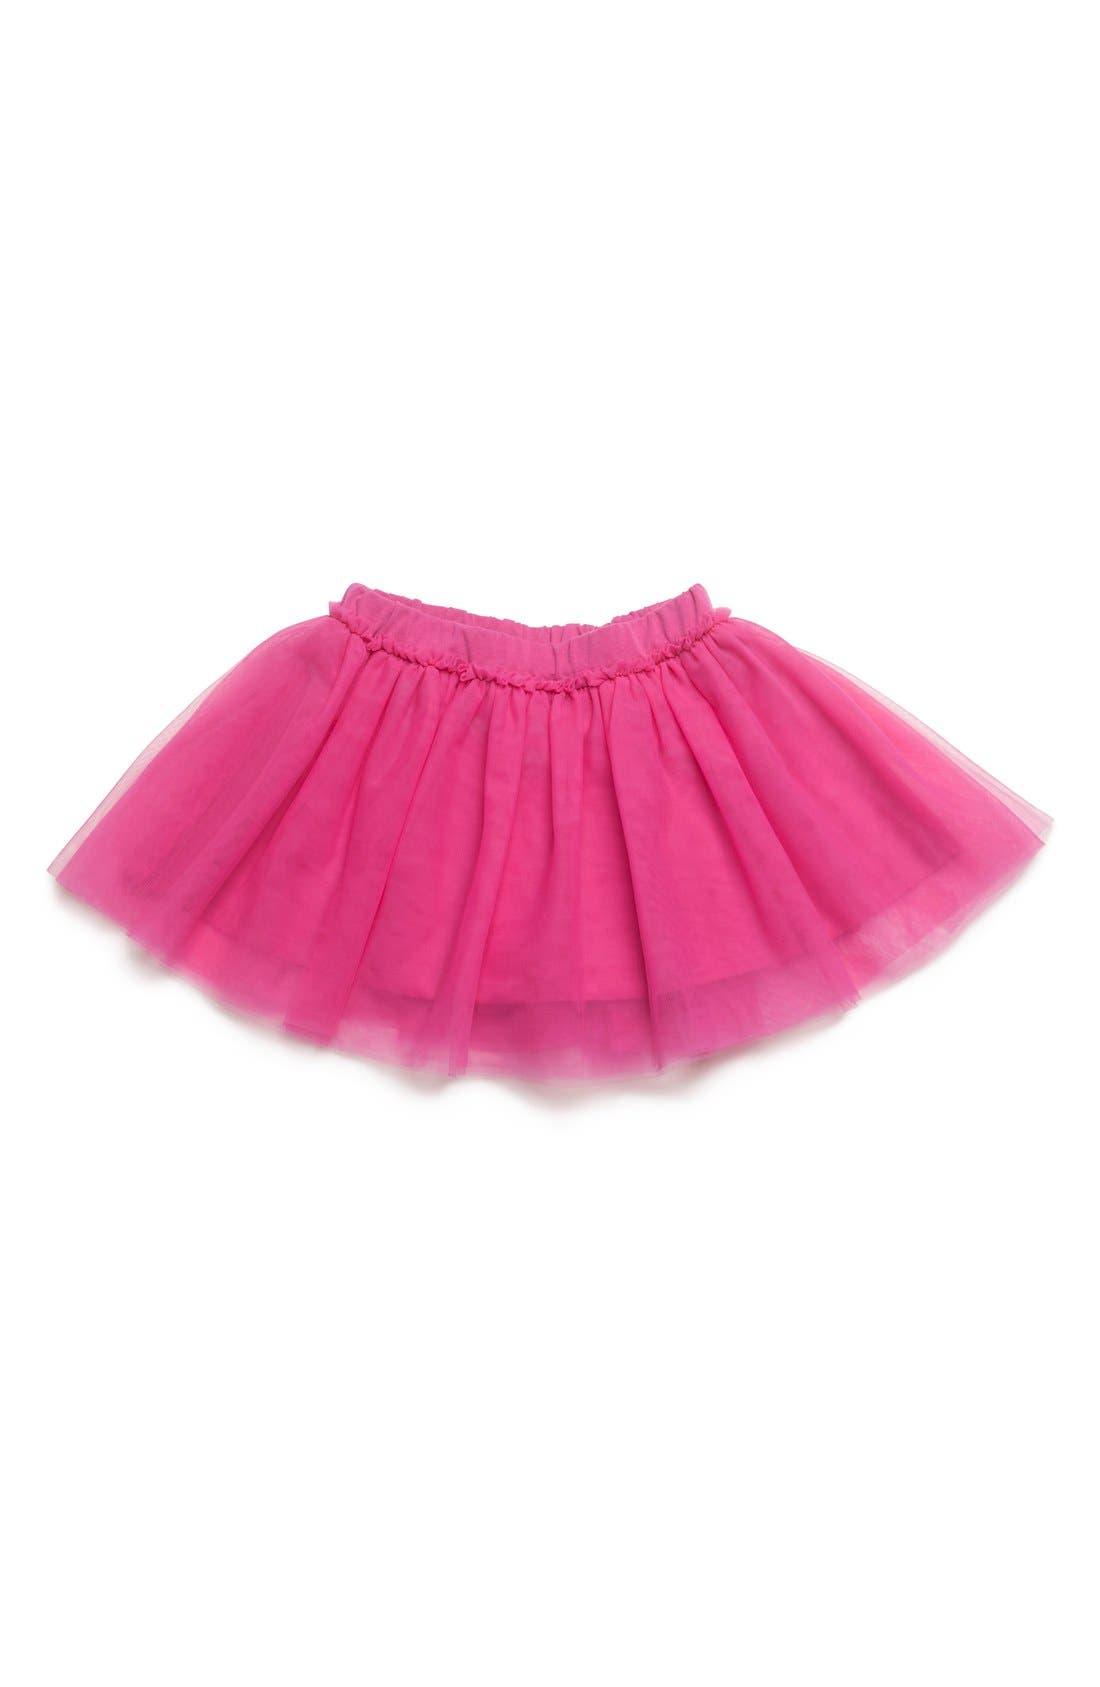 Main Image - Monica + Andy Spinning Skirt (Baby Girls)